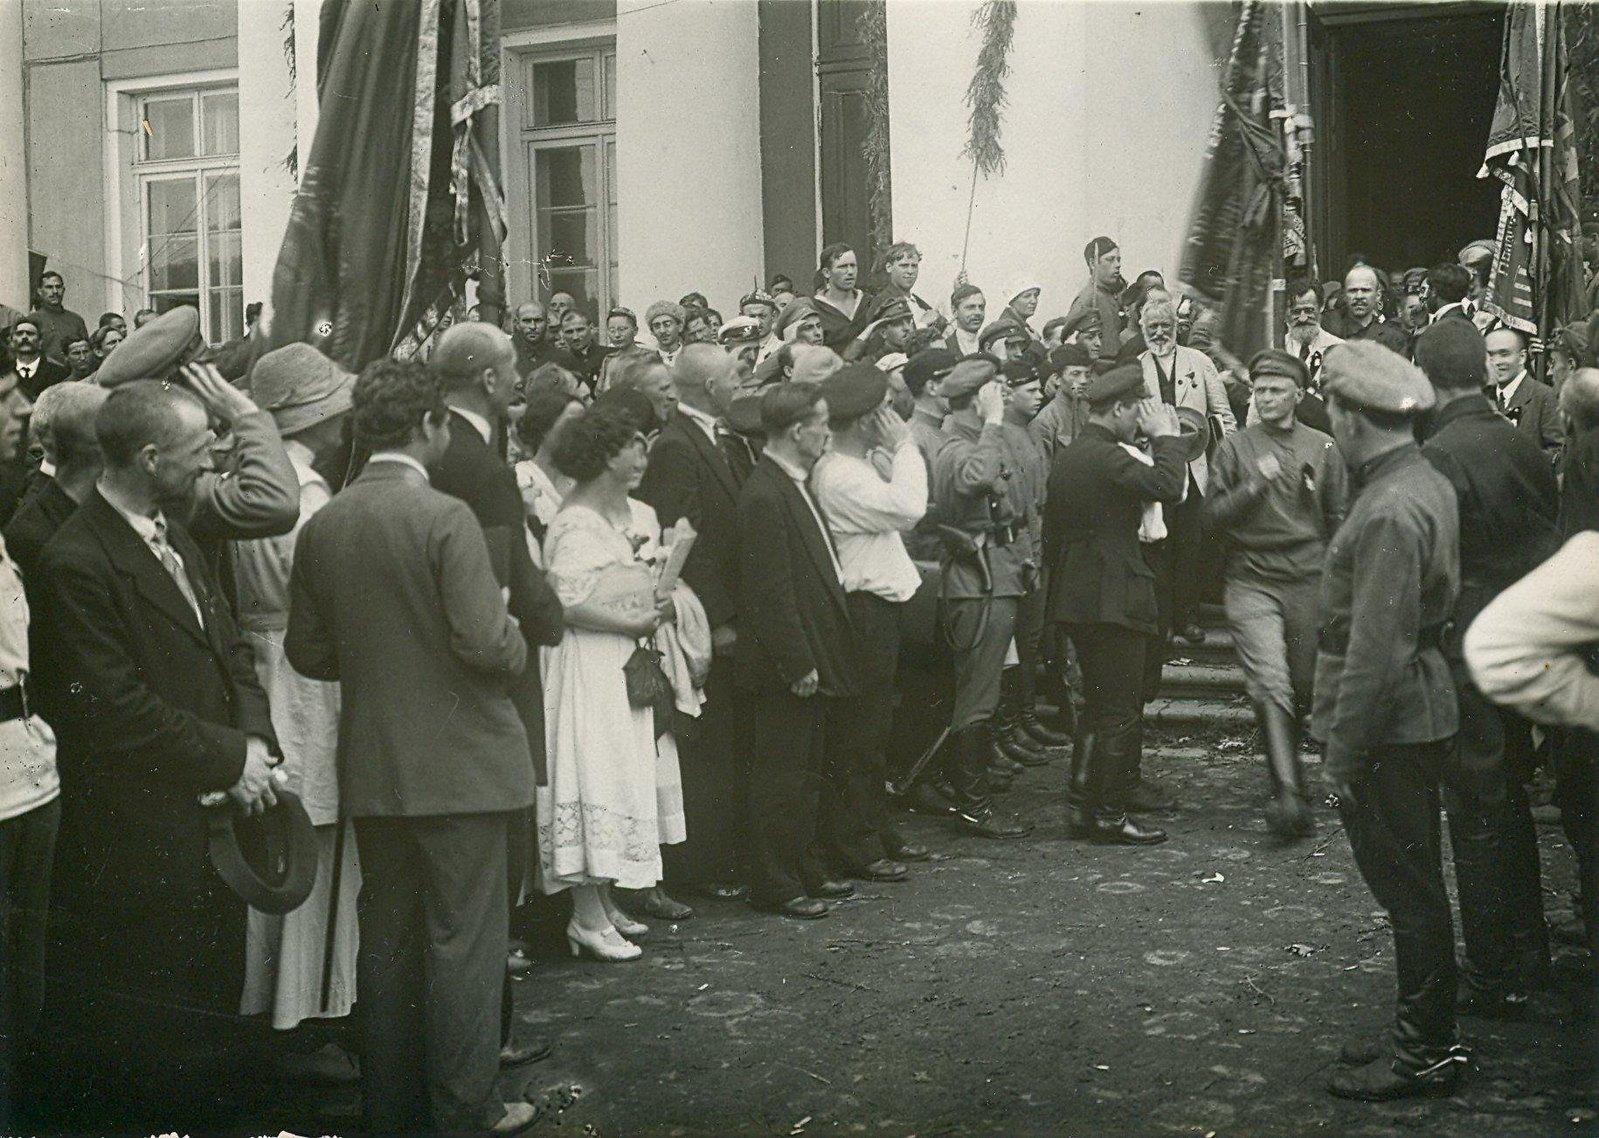 13. 1920. 19 июля. Делегаты II конгресса Коминтерна выходят из дворца Урицкого после окончания торжественного заседания - открытия конгресса